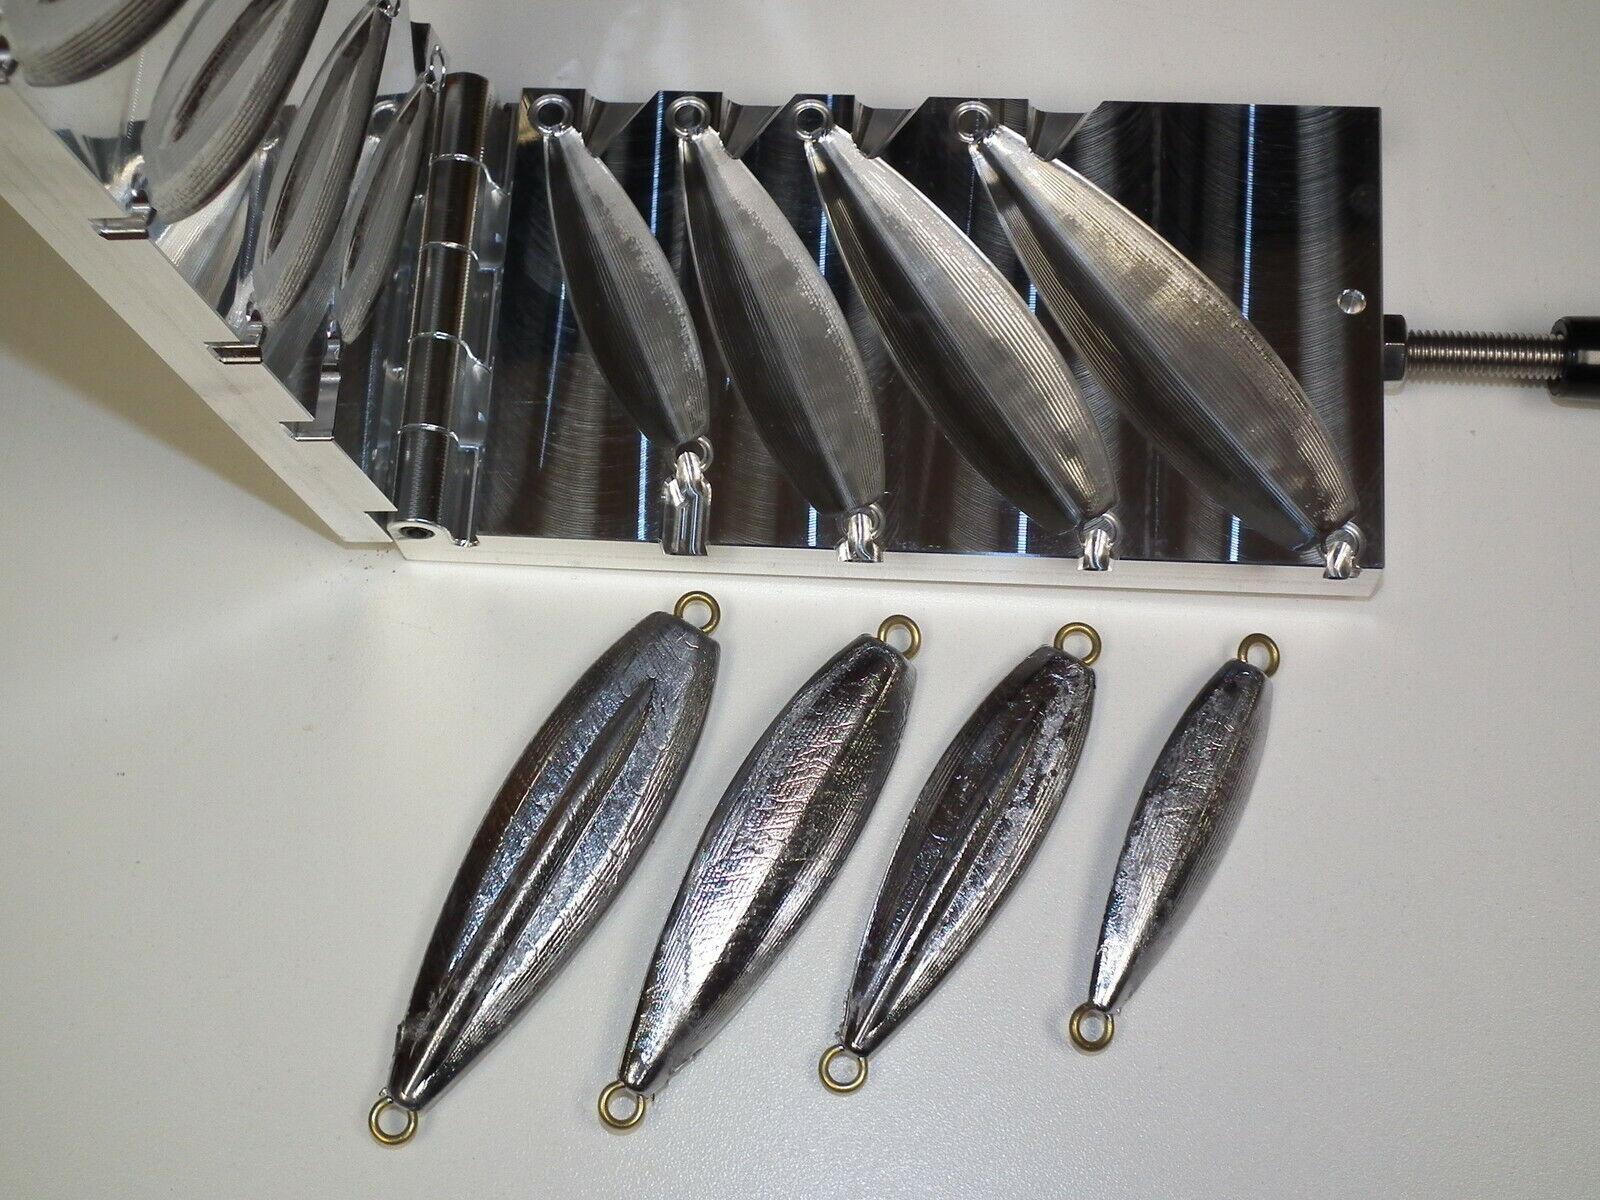 Saltwater Flat Fall Jig mold 3,5,7,9oz CNC Aluminum Flatfall Keel